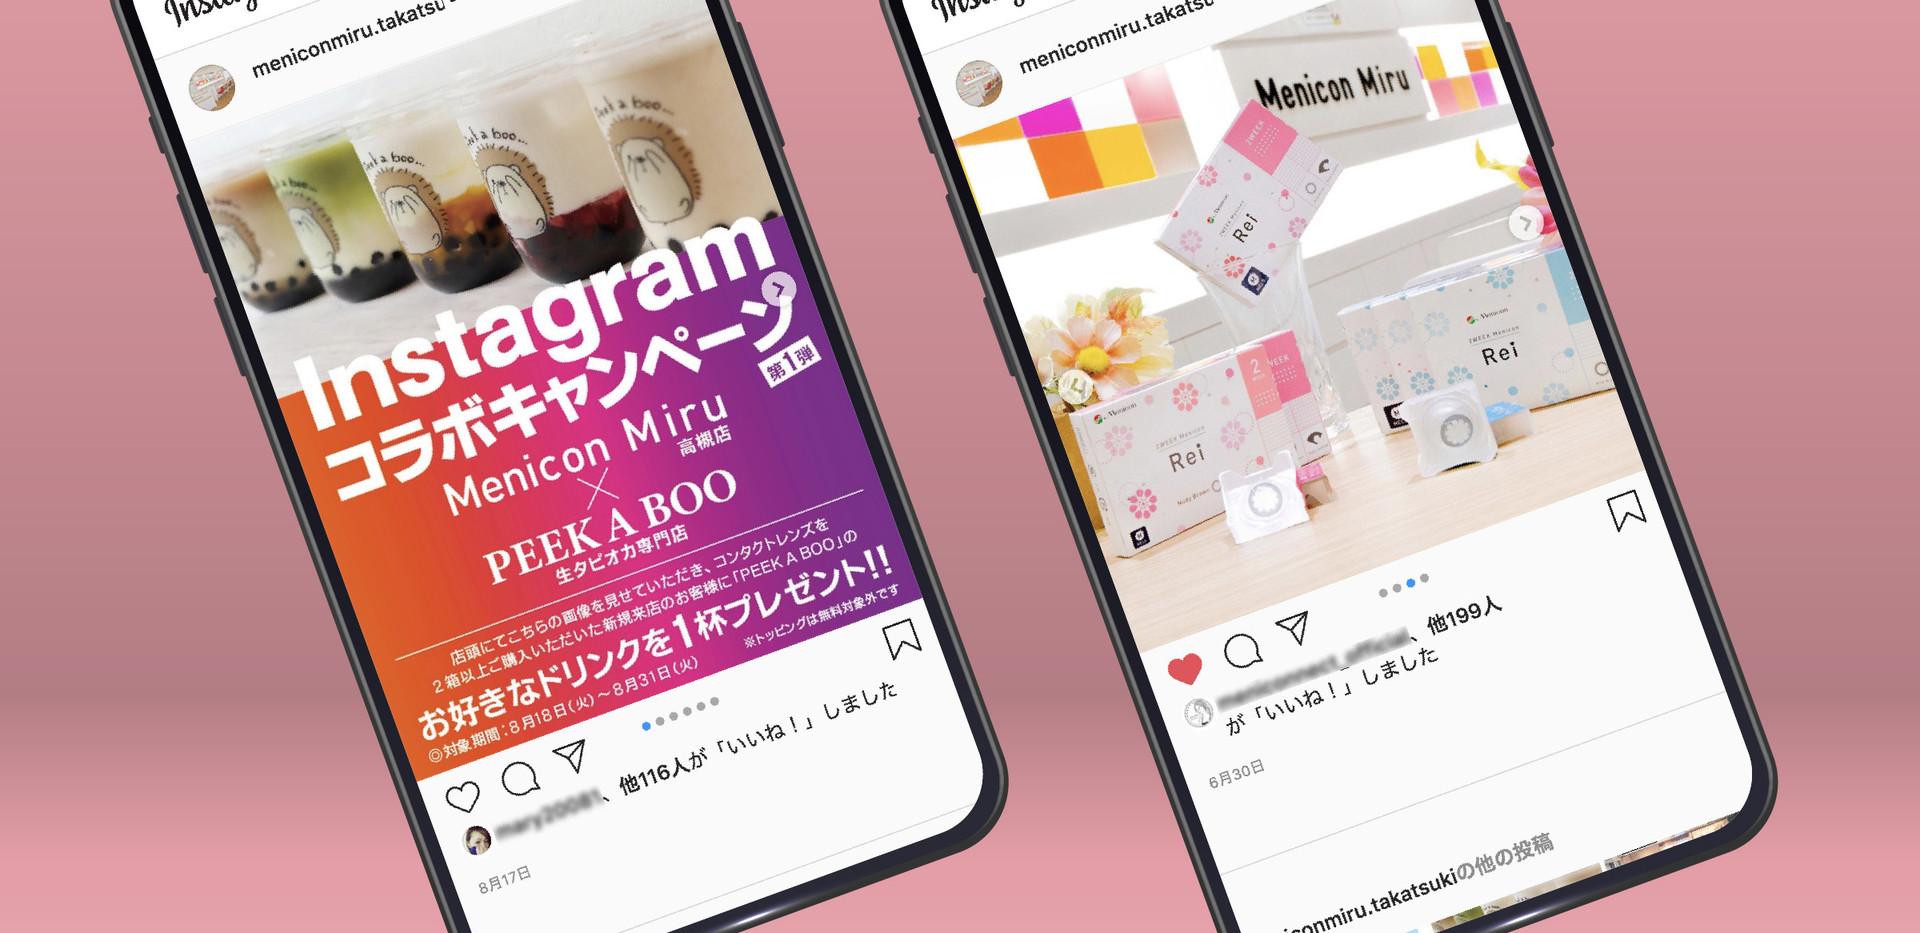 実績_メニコン_SNS01.jpg